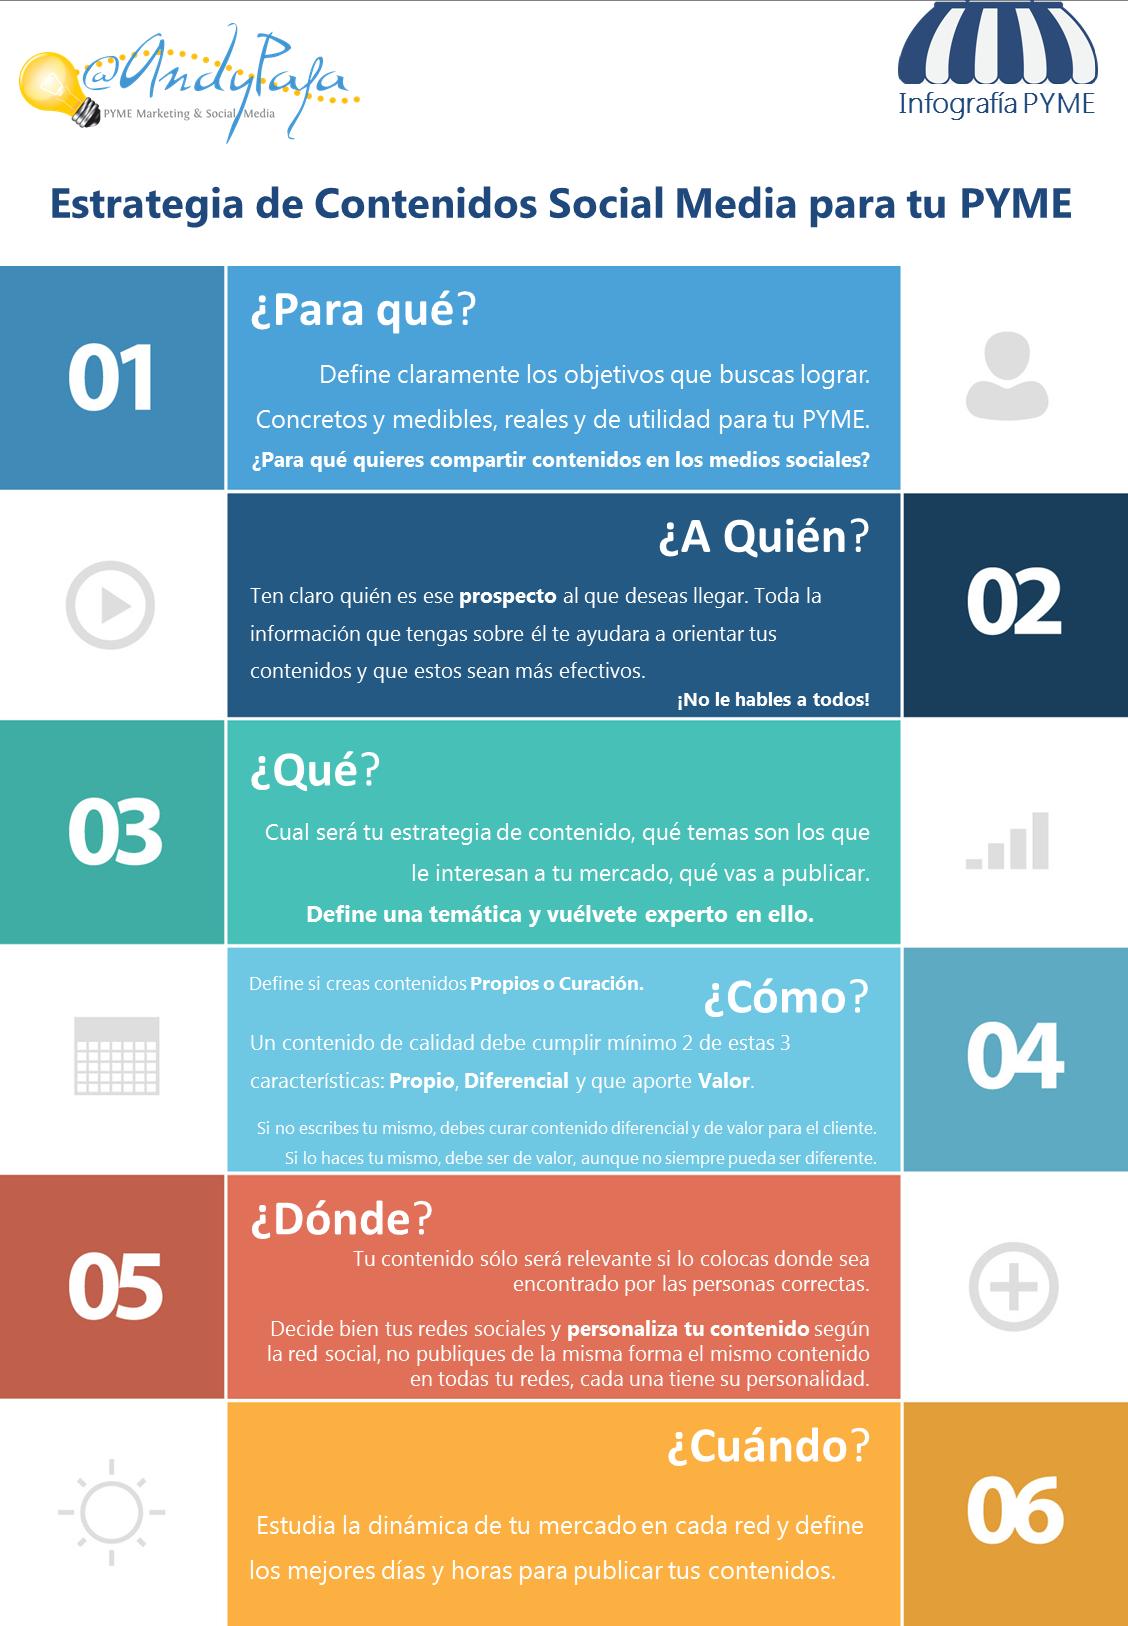 Infografía: Estrategia de Contenidos para PYME